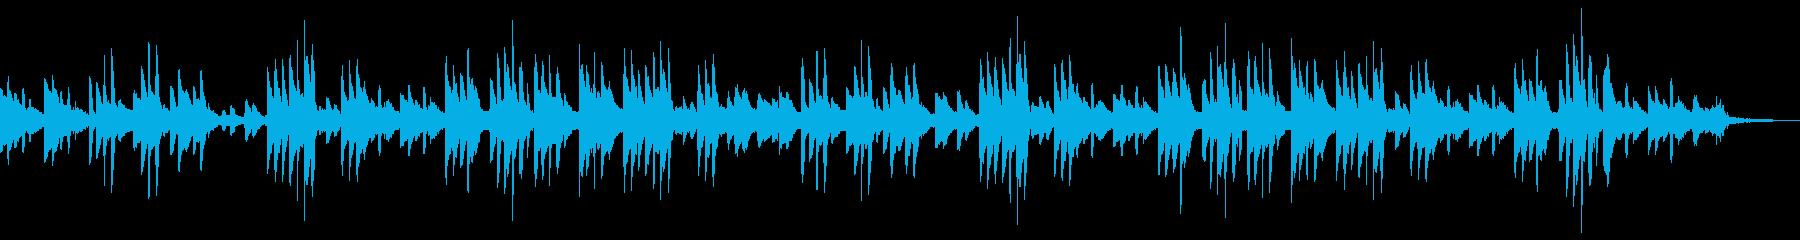 サティ風のゆったりとしたピアノソロの再生済みの波形